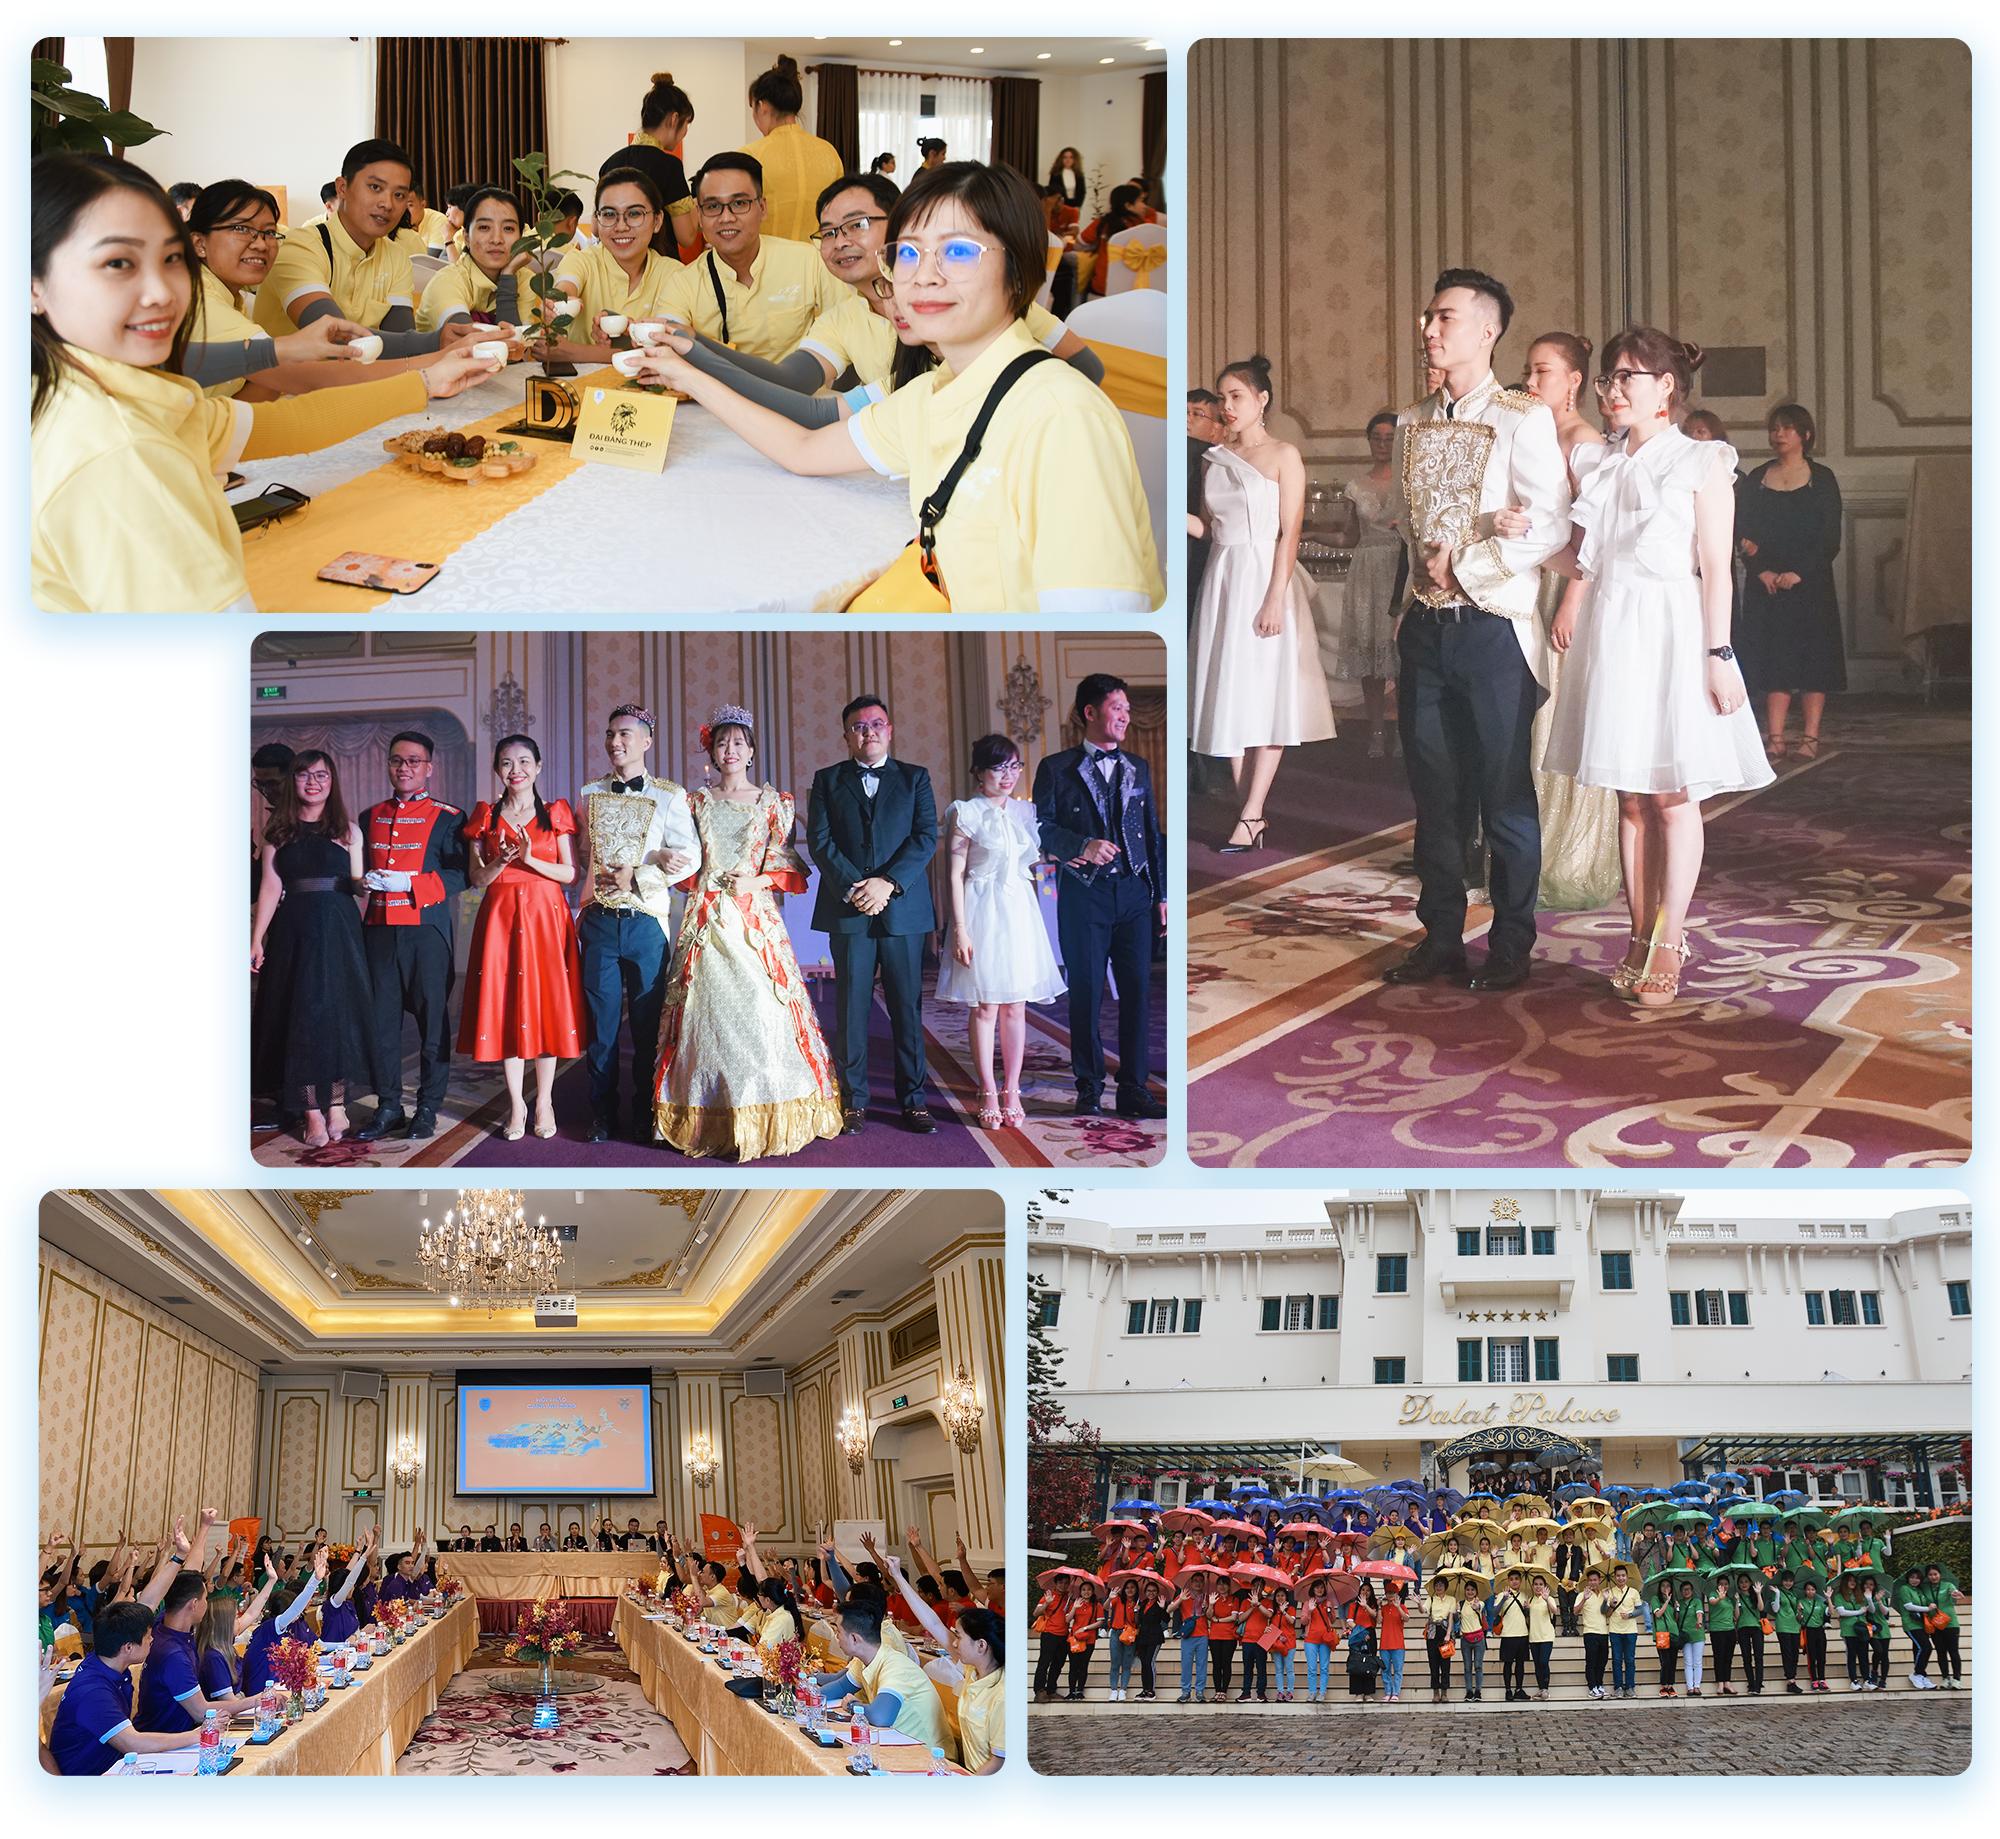 """Khám phá hành trình Caravan danh tiếng của C.T Group – Một đơn vị vừa được giải HR Asia Awards: """"Nơi làm việc tốt nhất Châu Á"""" - Ảnh 5."""